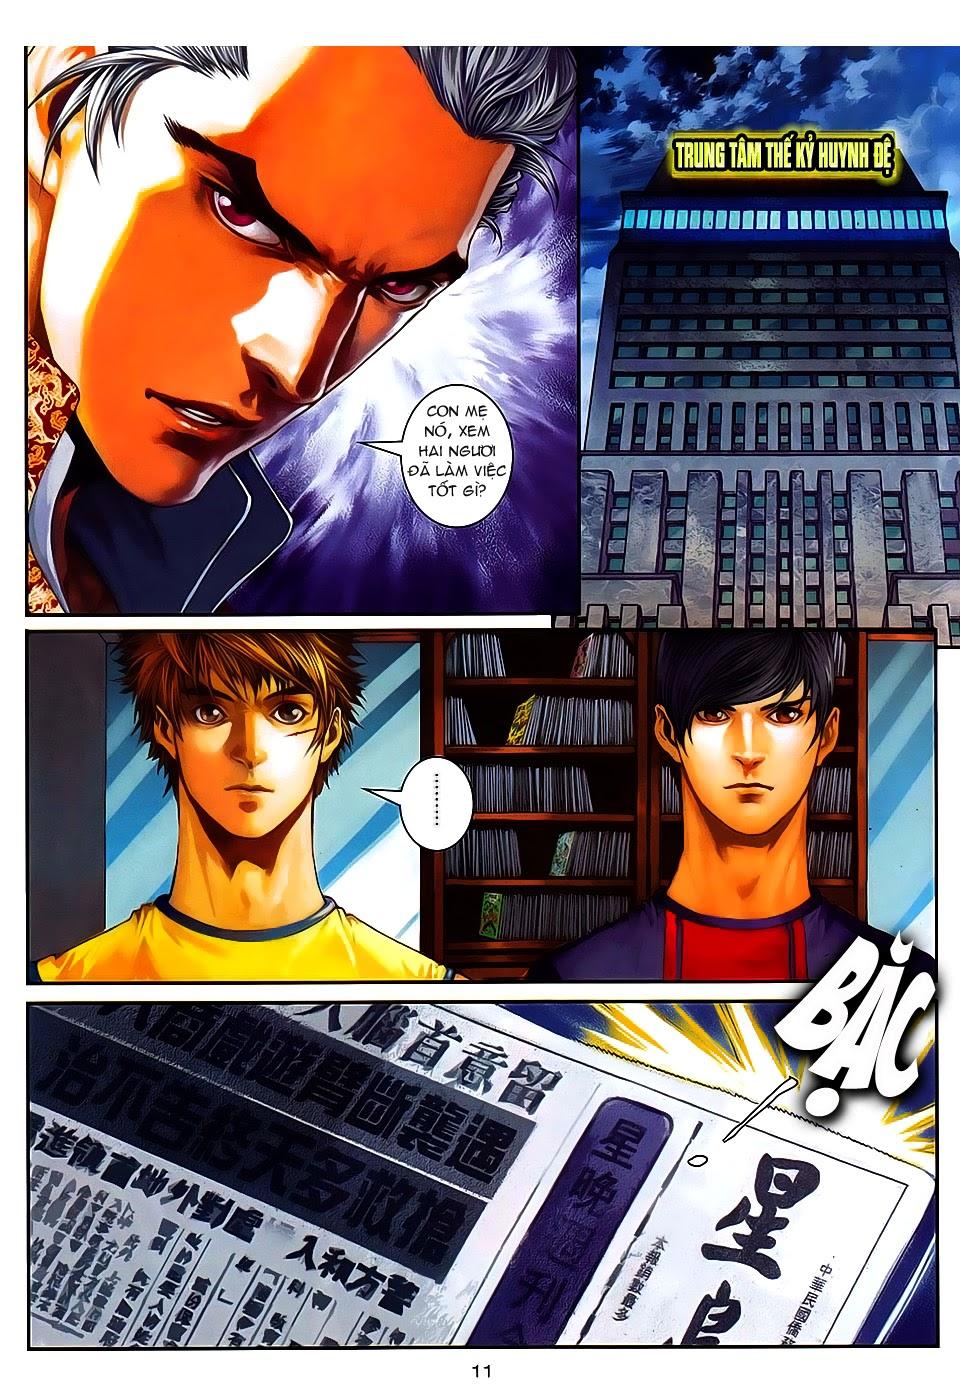 Quyền Đạo chapter 8 trang 11